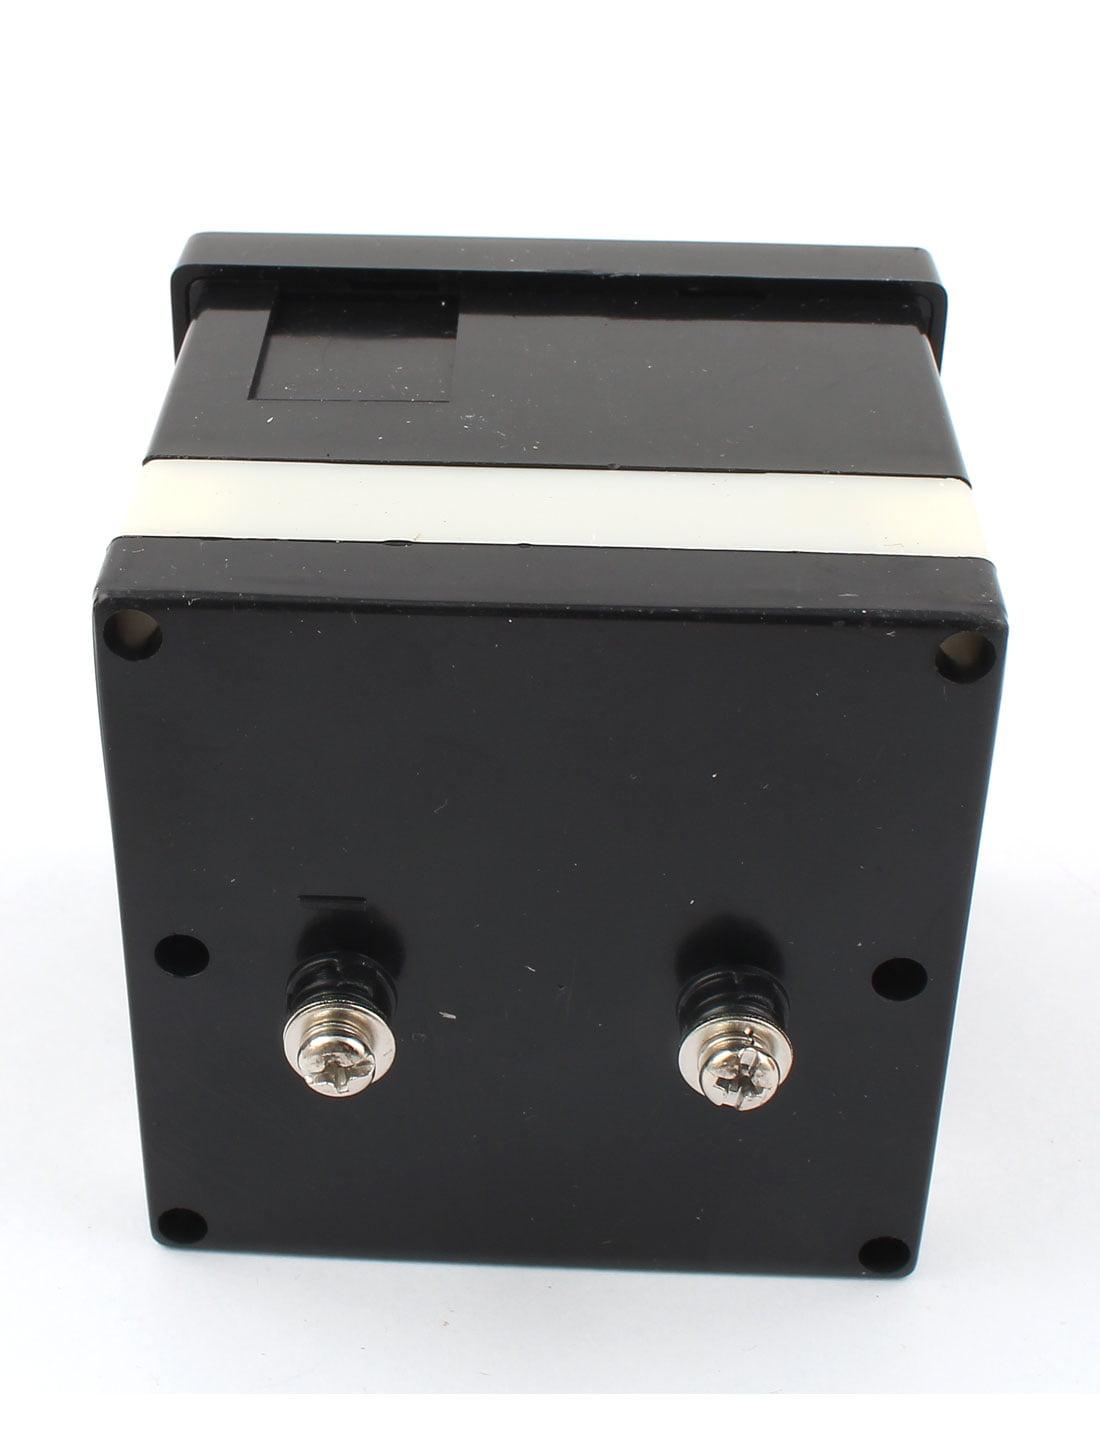 DC 0-5A 6C2-a Direct Current Analog Gauge Panel Meter Klasse 1,5